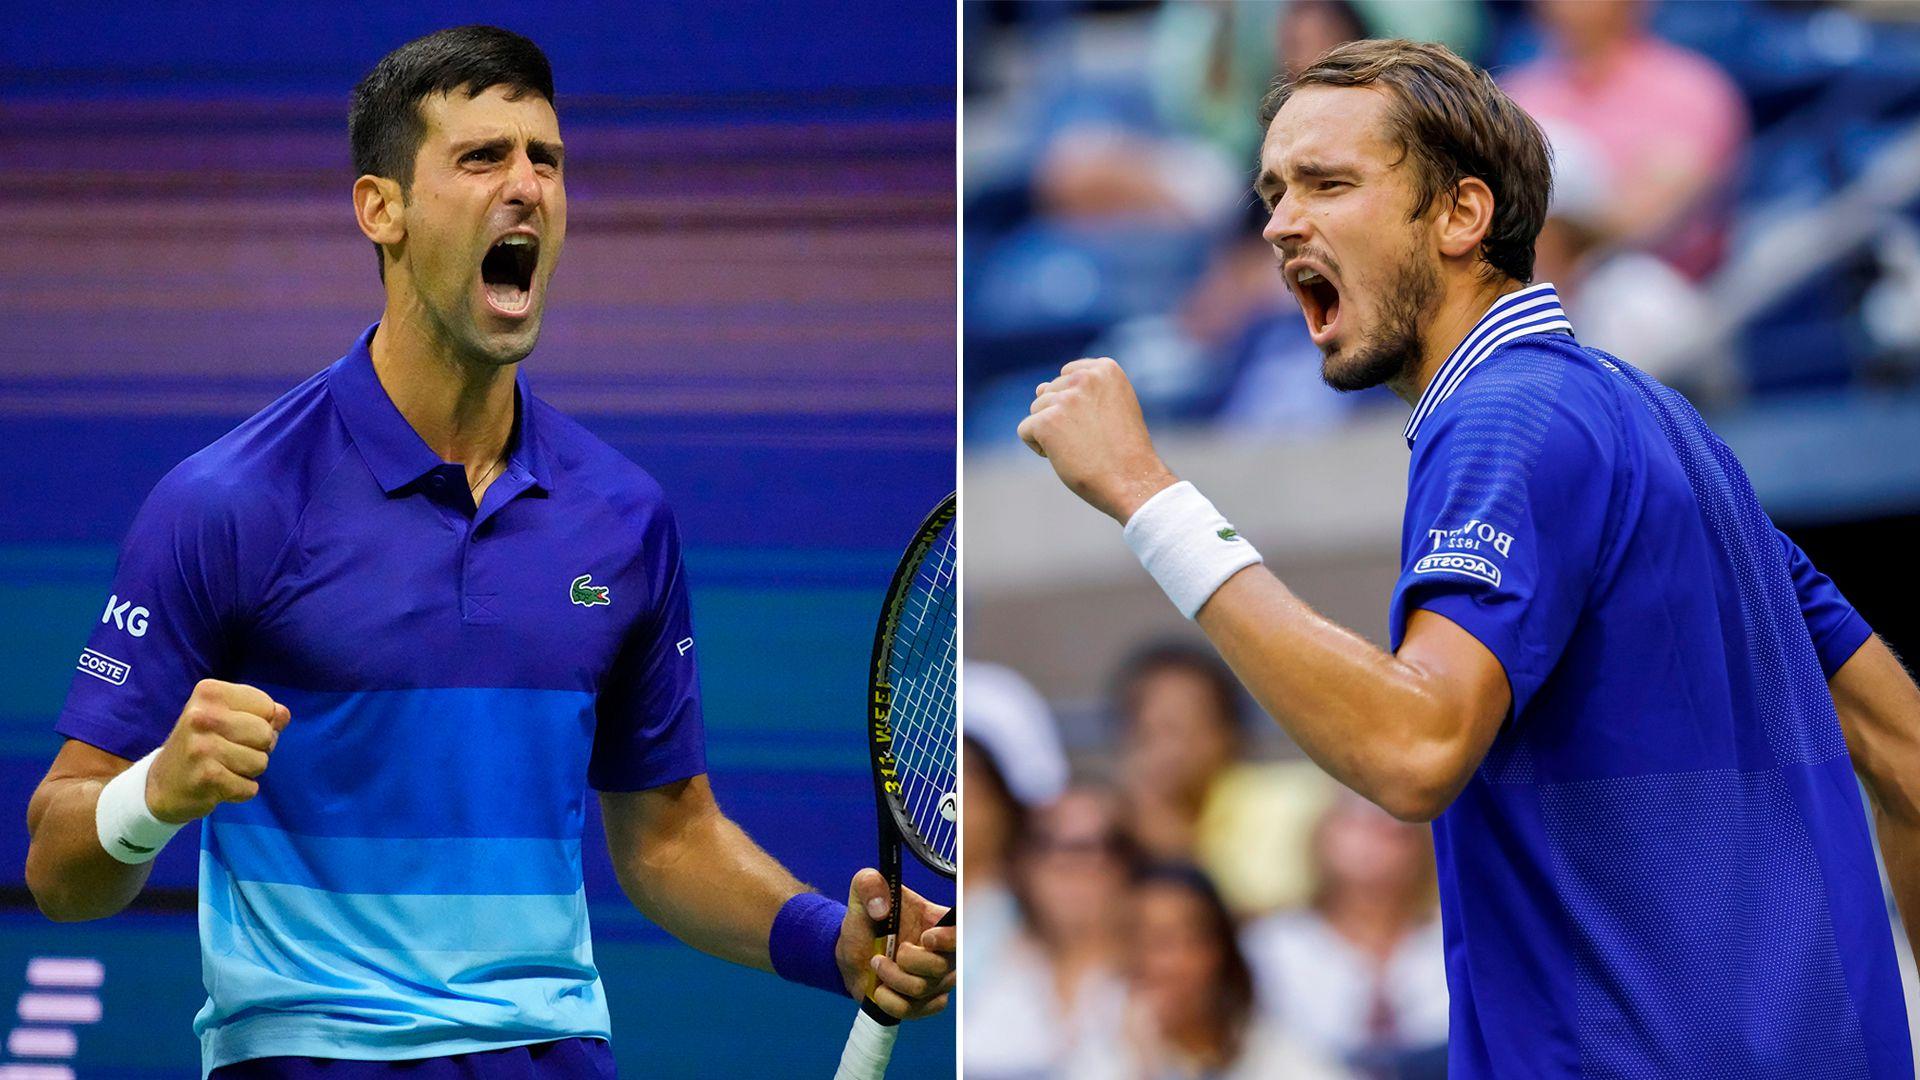 Partida - Novak Djokovic y Daniil Medvedev